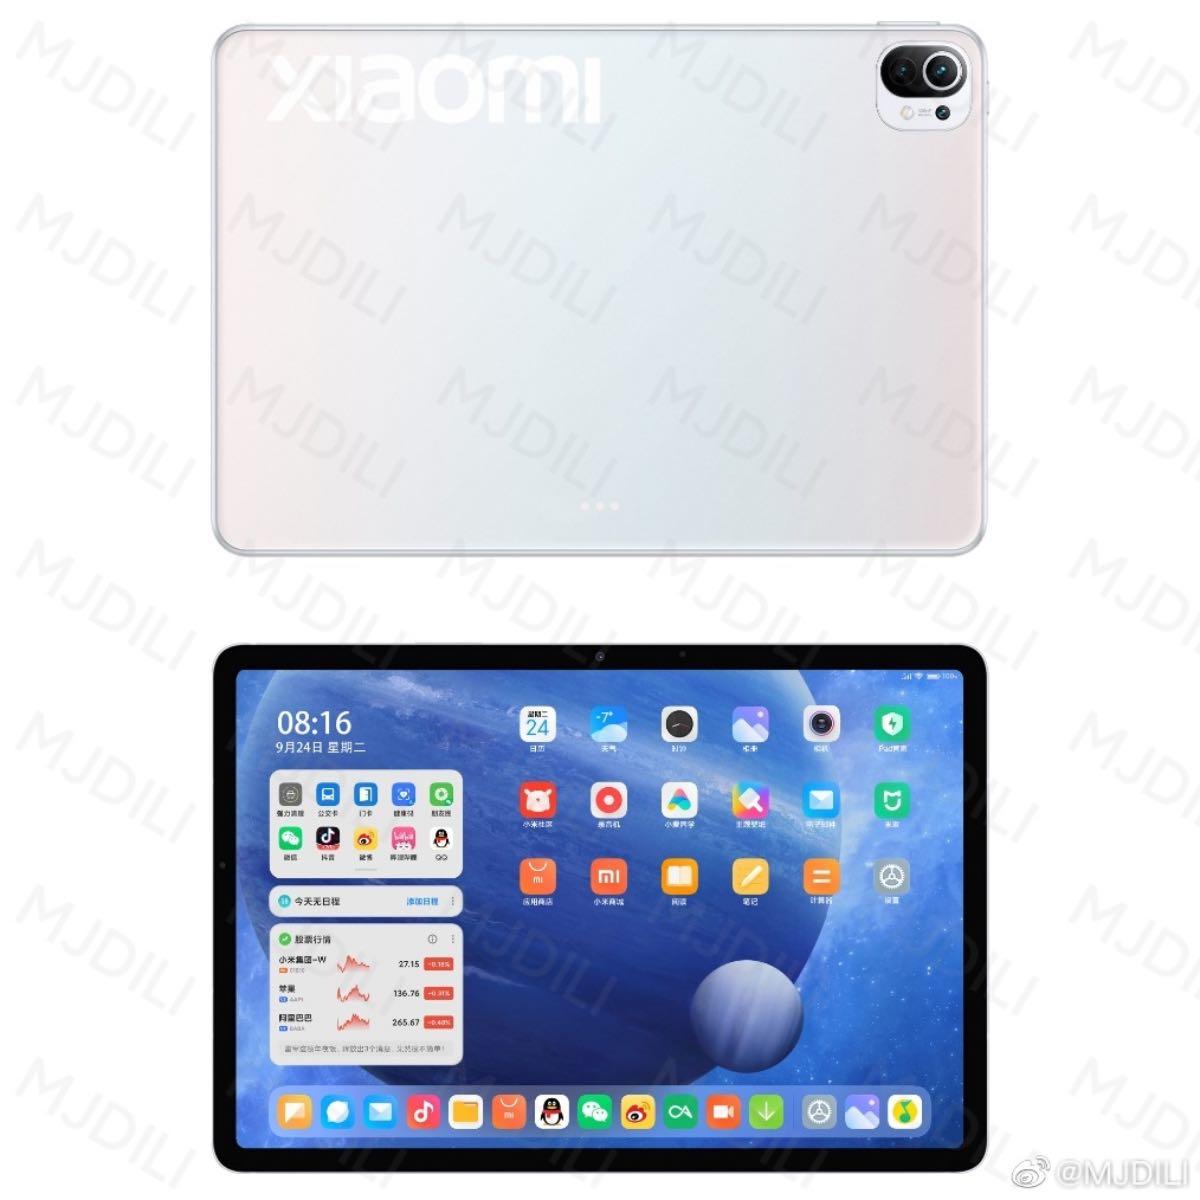 xiaomi mi pad 5 design 2